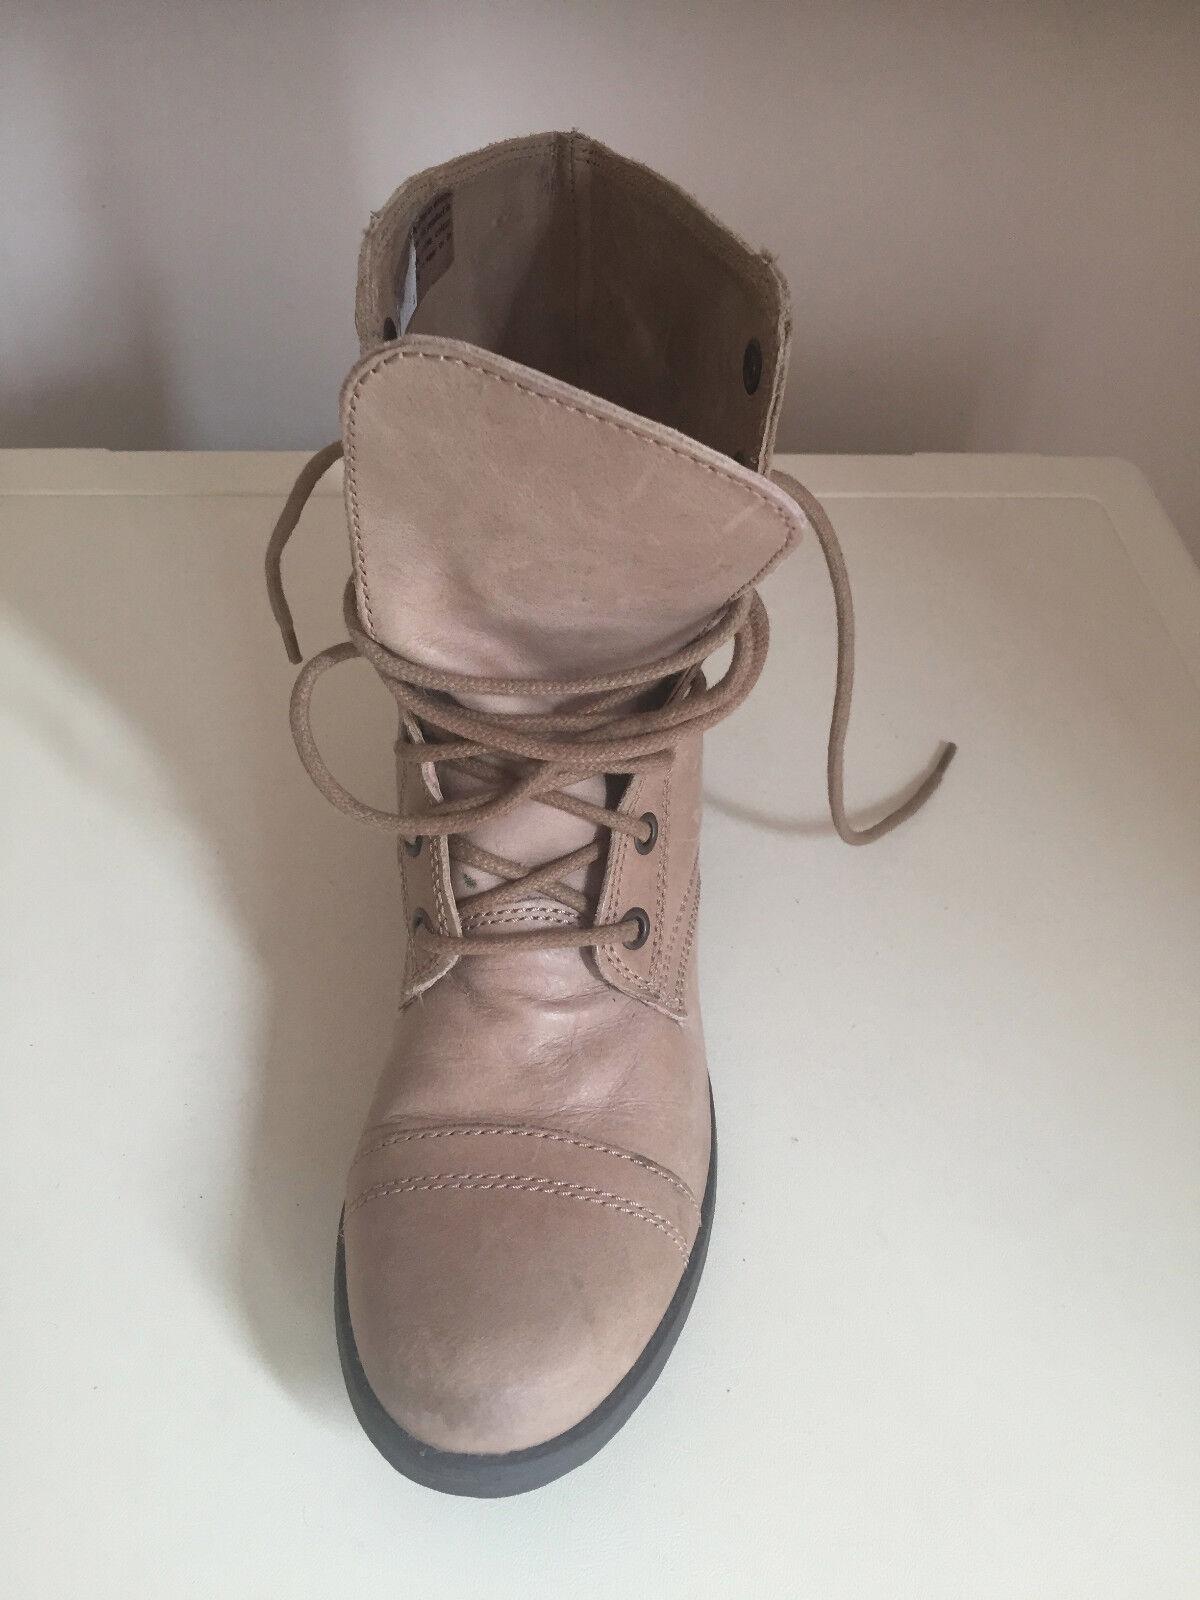 Damenschuhe Ankle Leder Stiefel  Größe 5. ROTherring